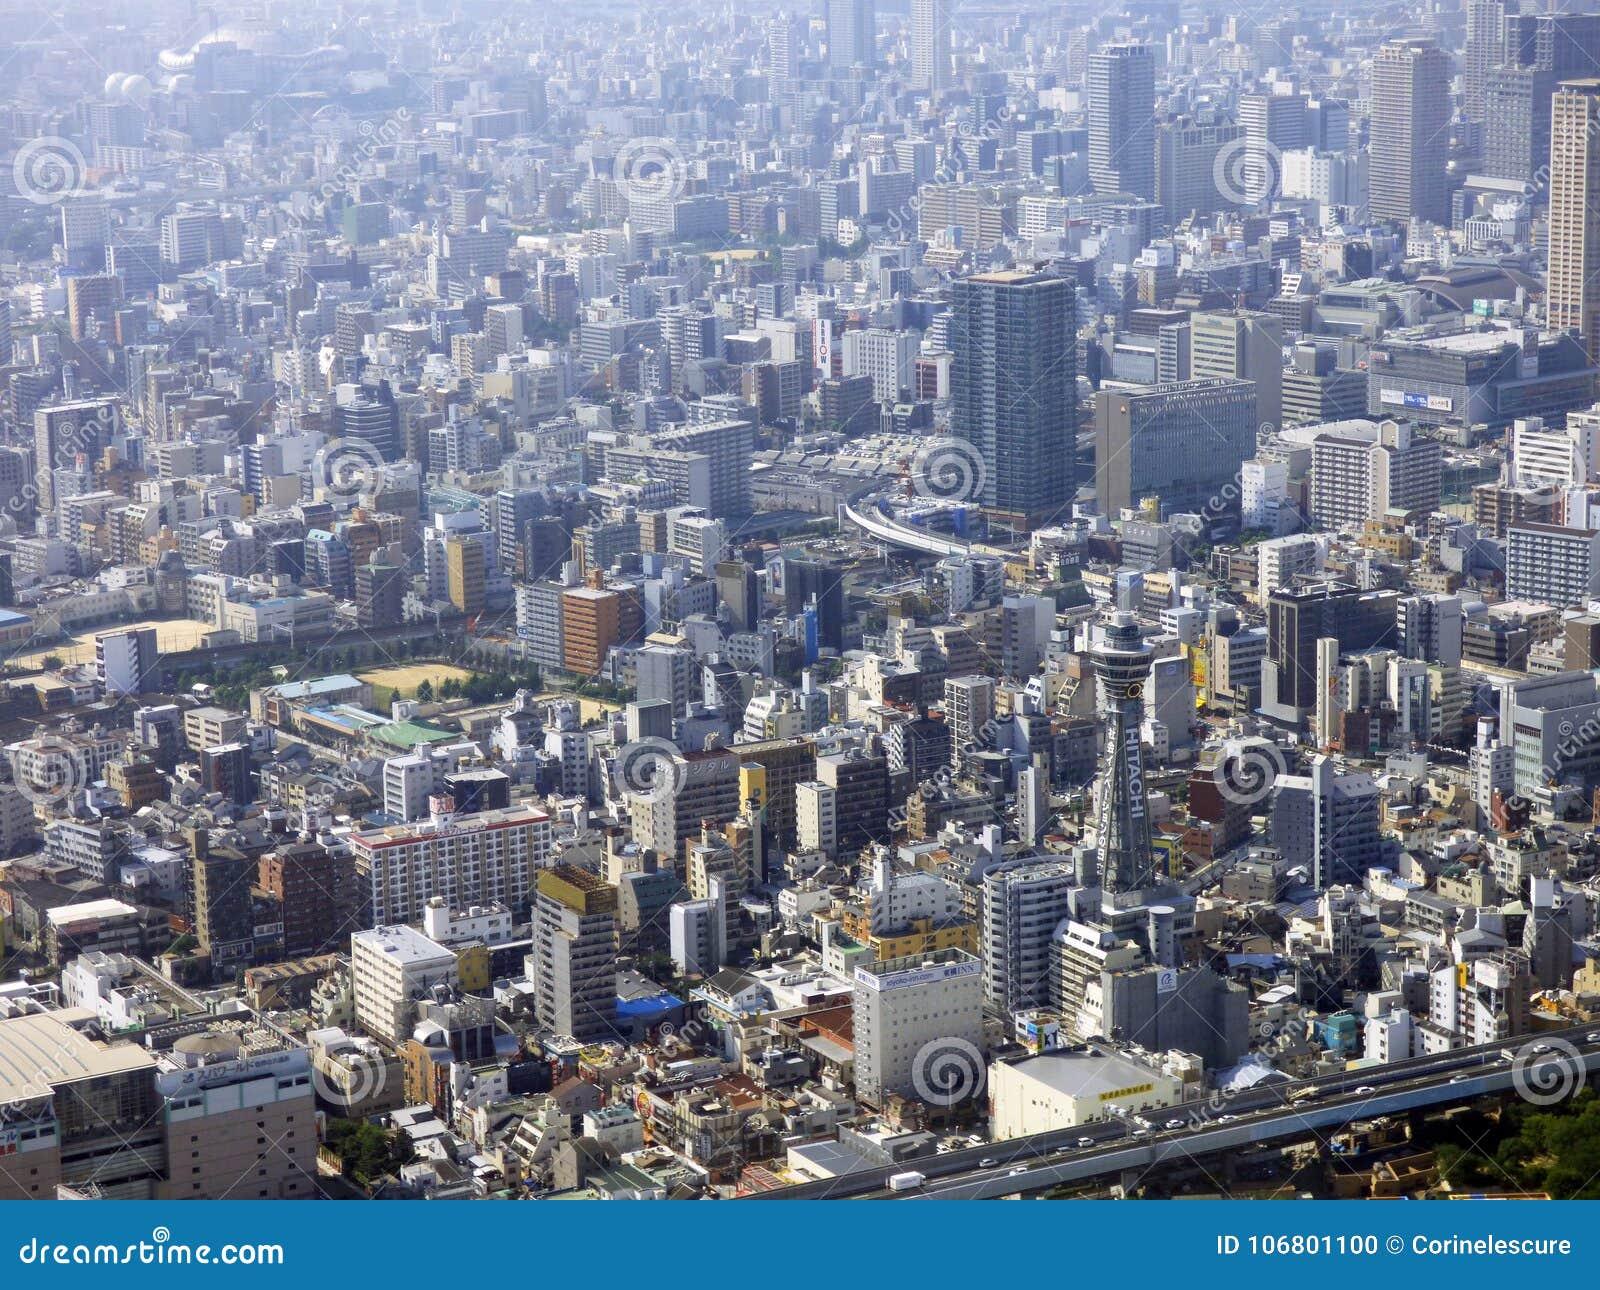 Download Japan Osaka Turm Abeno Harukas Redaktionelles Bild - Bild von panoramisch, japan: 106801100